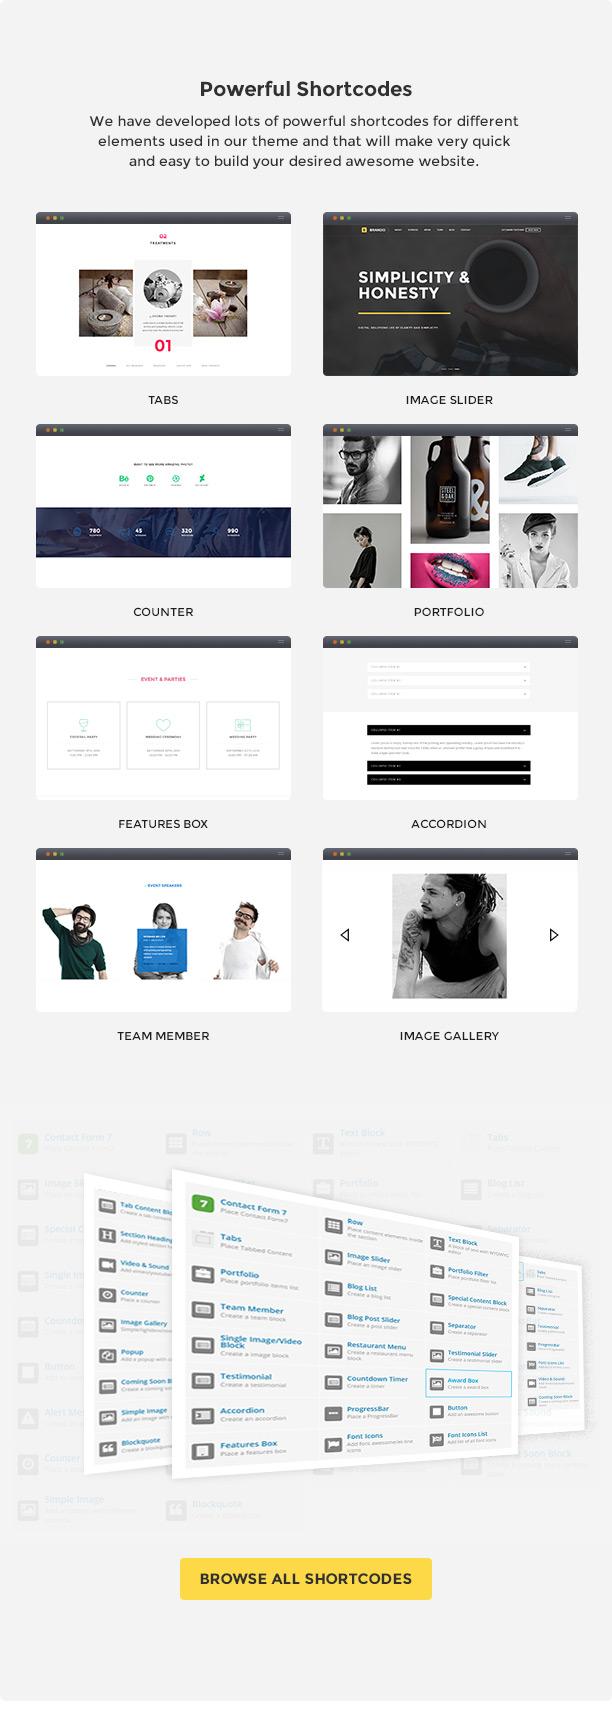 brando wp shortcodes new - Brando Responsive and Multipurpose OnePage WordPress Theme